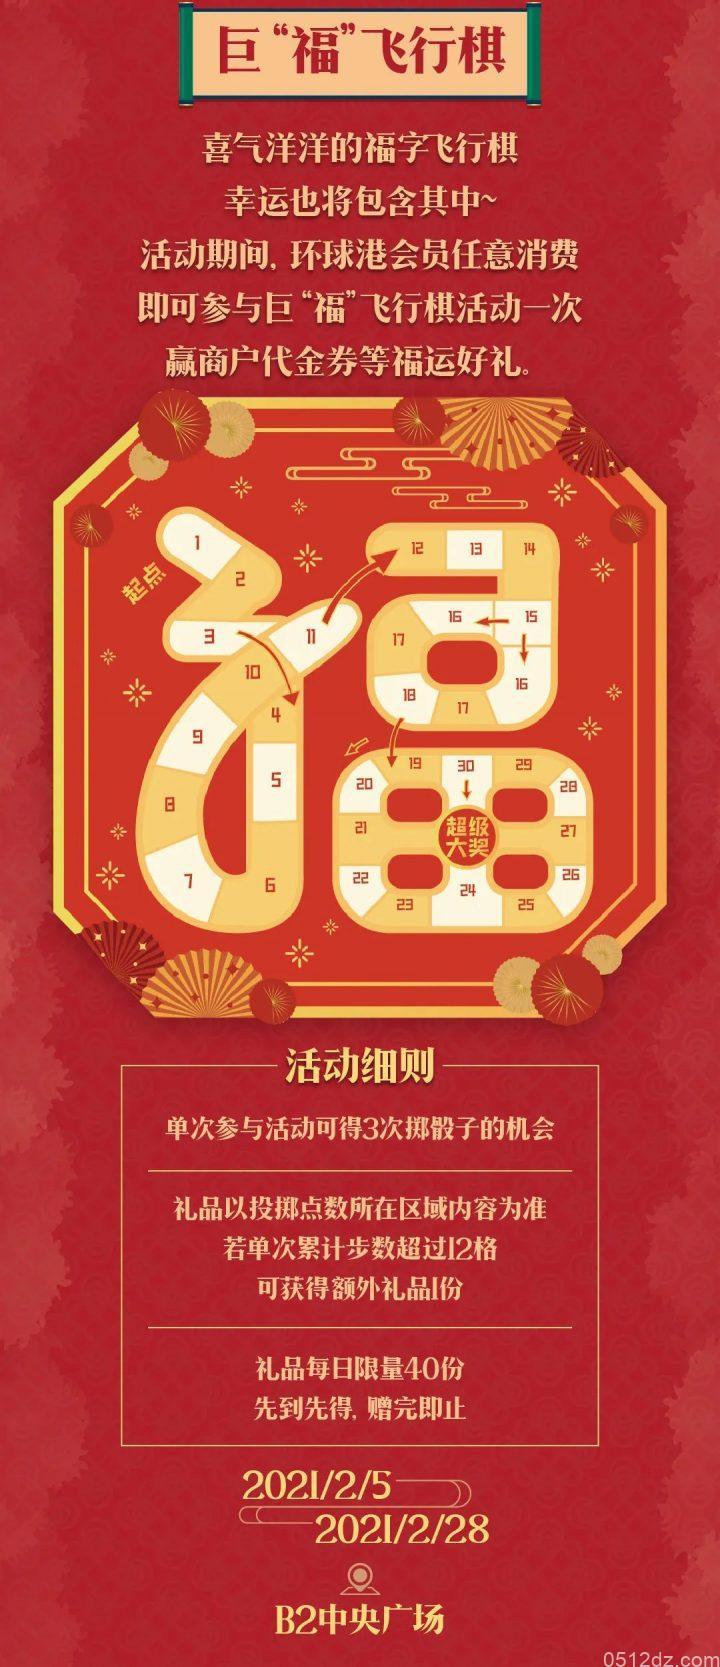 上海环球港最牛奋斗年活动